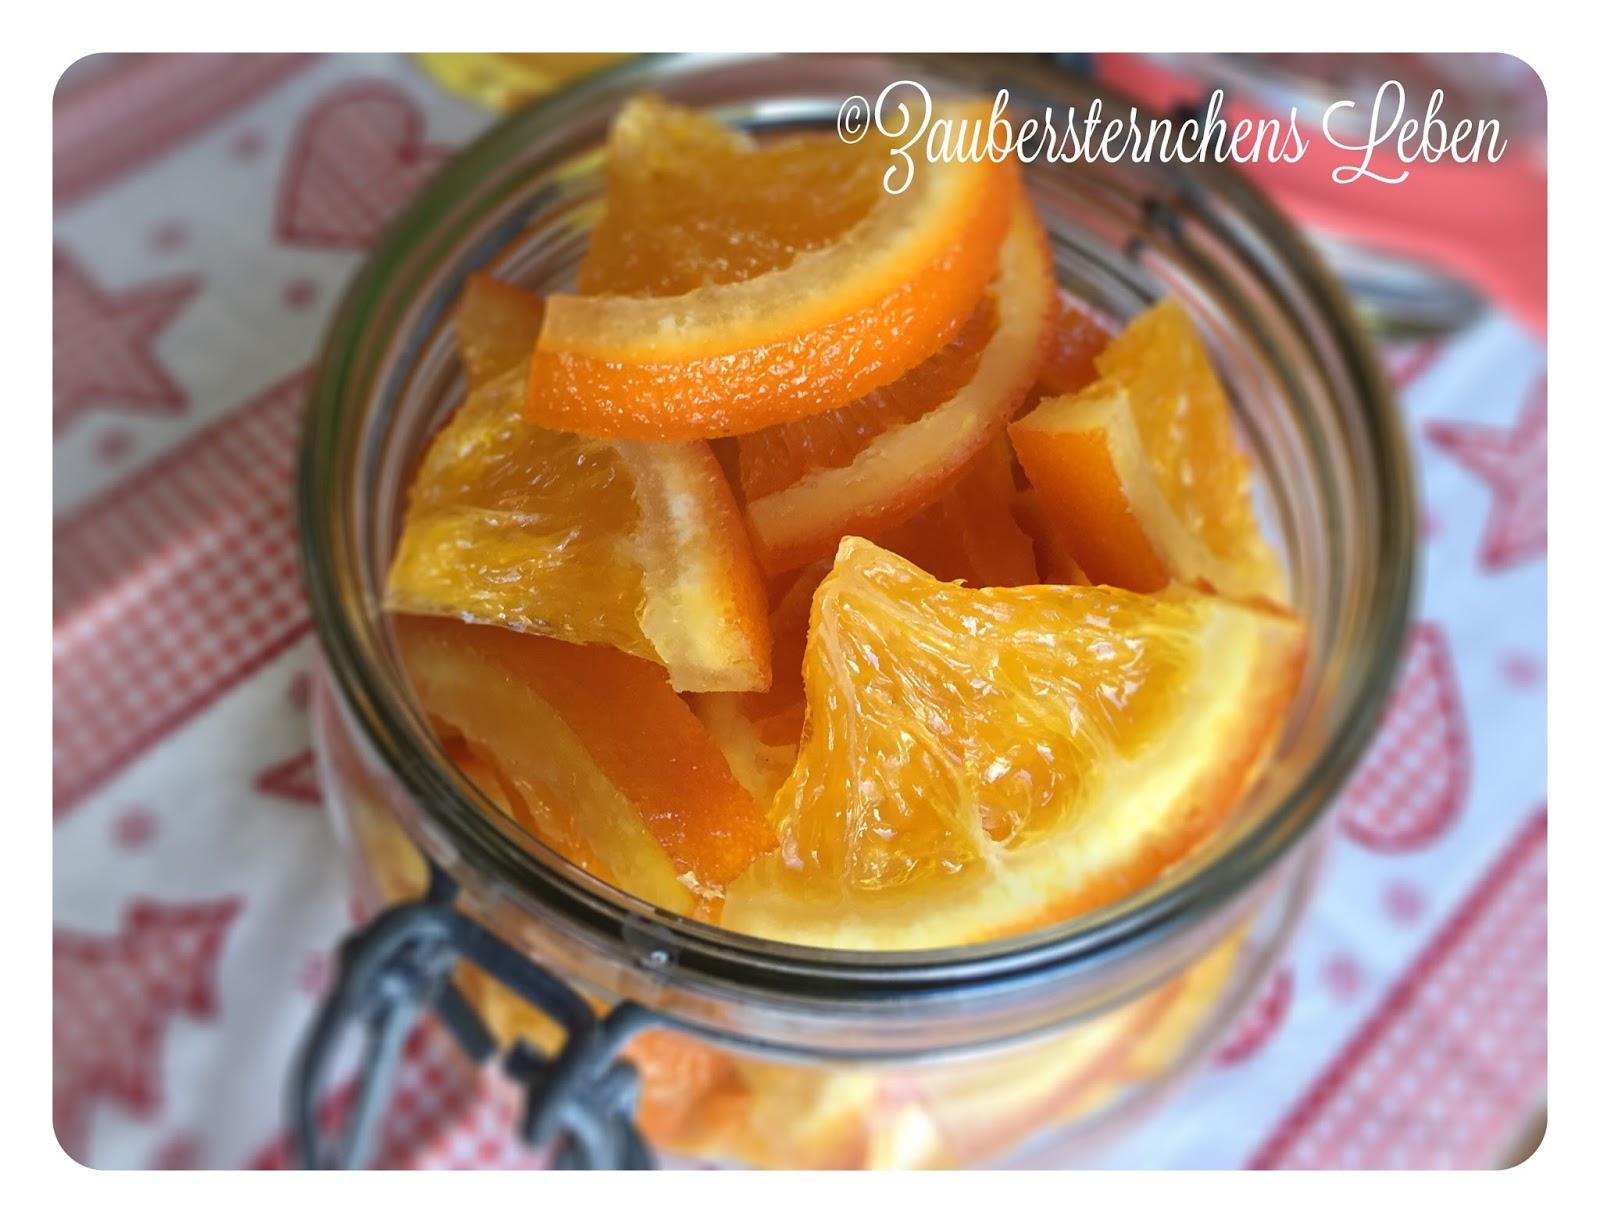 Kandierte Orangen von Zaubersternchens Leben